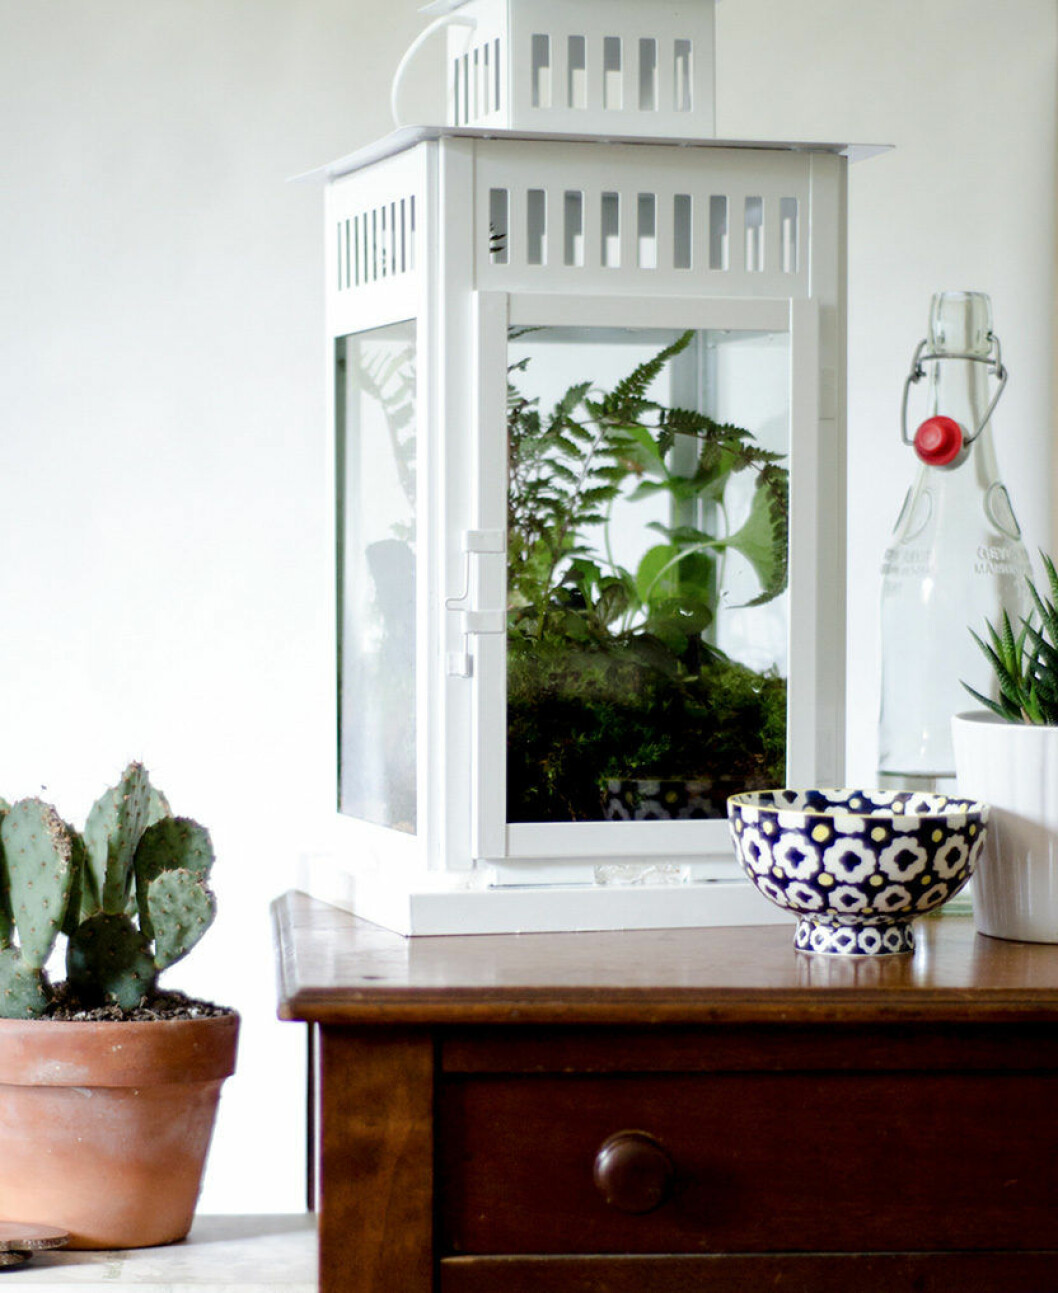 Växtterrarium i form av en vit lykta